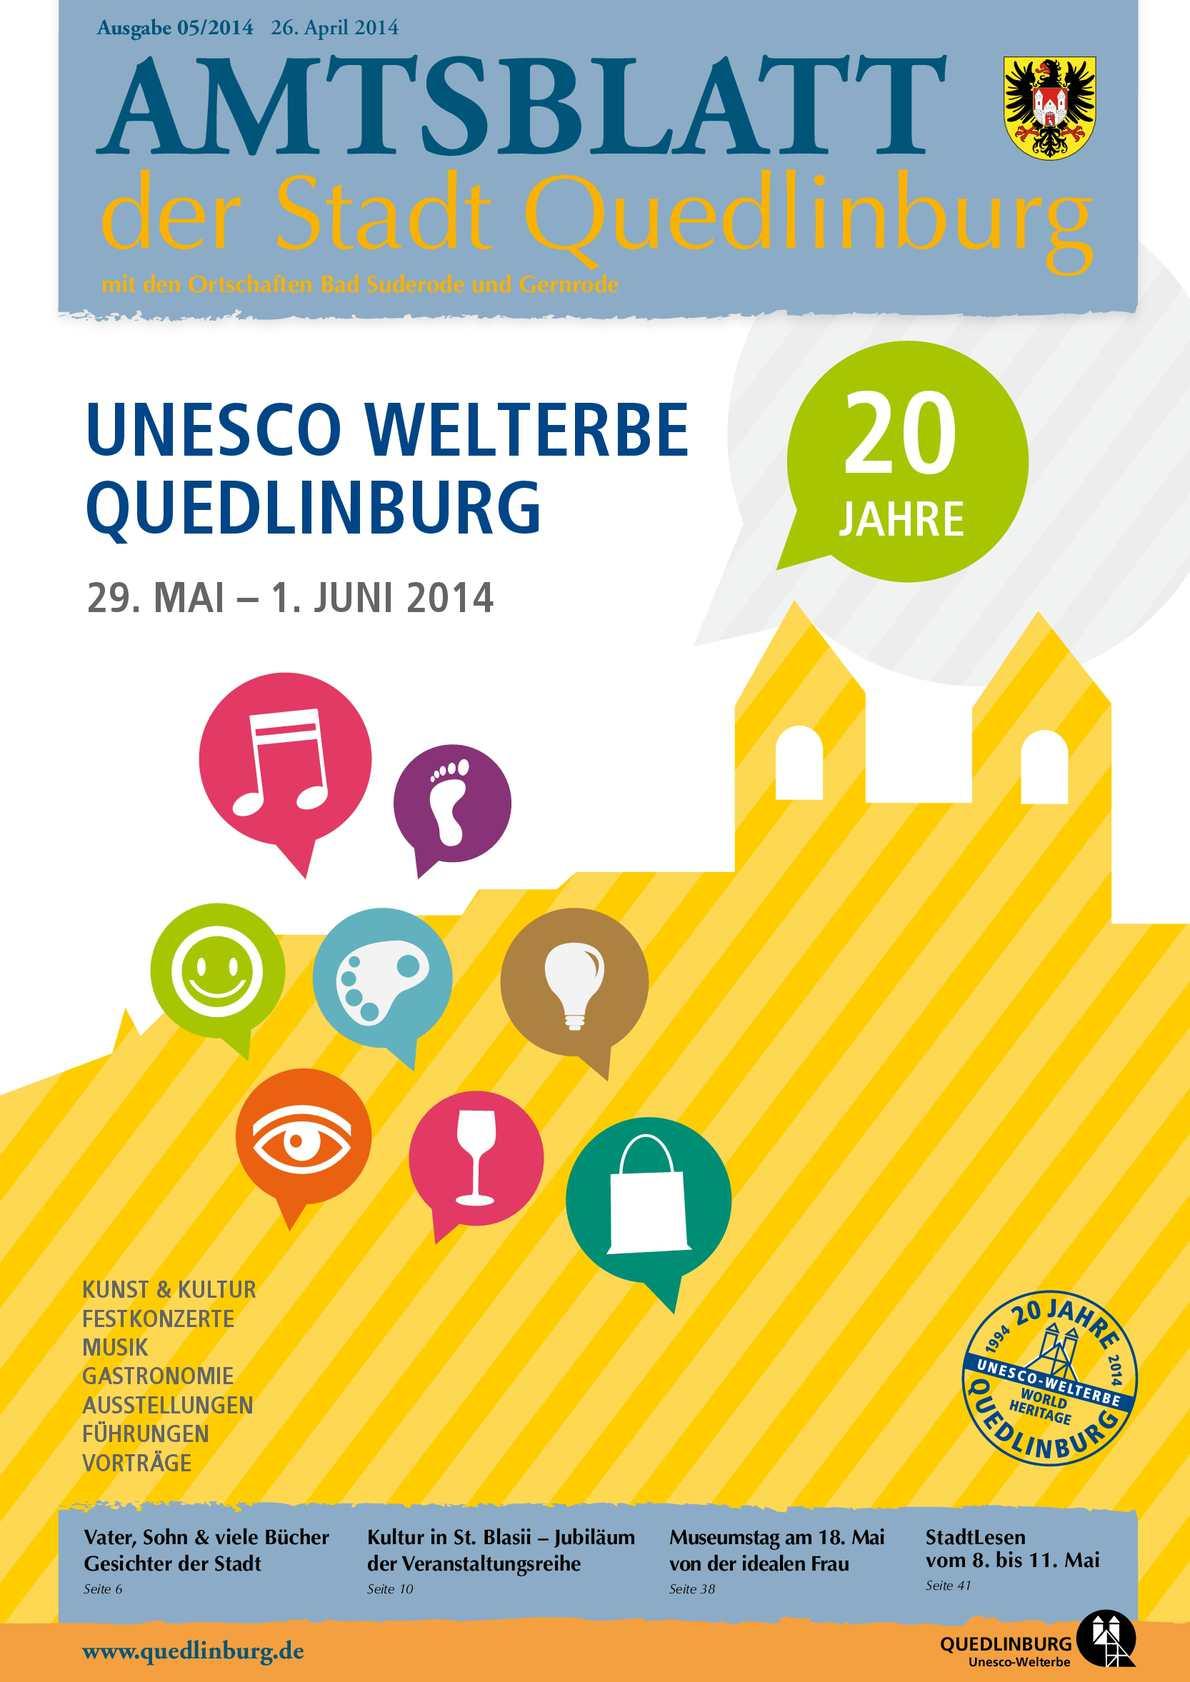 Calaméo Amtsblatt 052014 Der Stadt Quedlinburg Mit Den